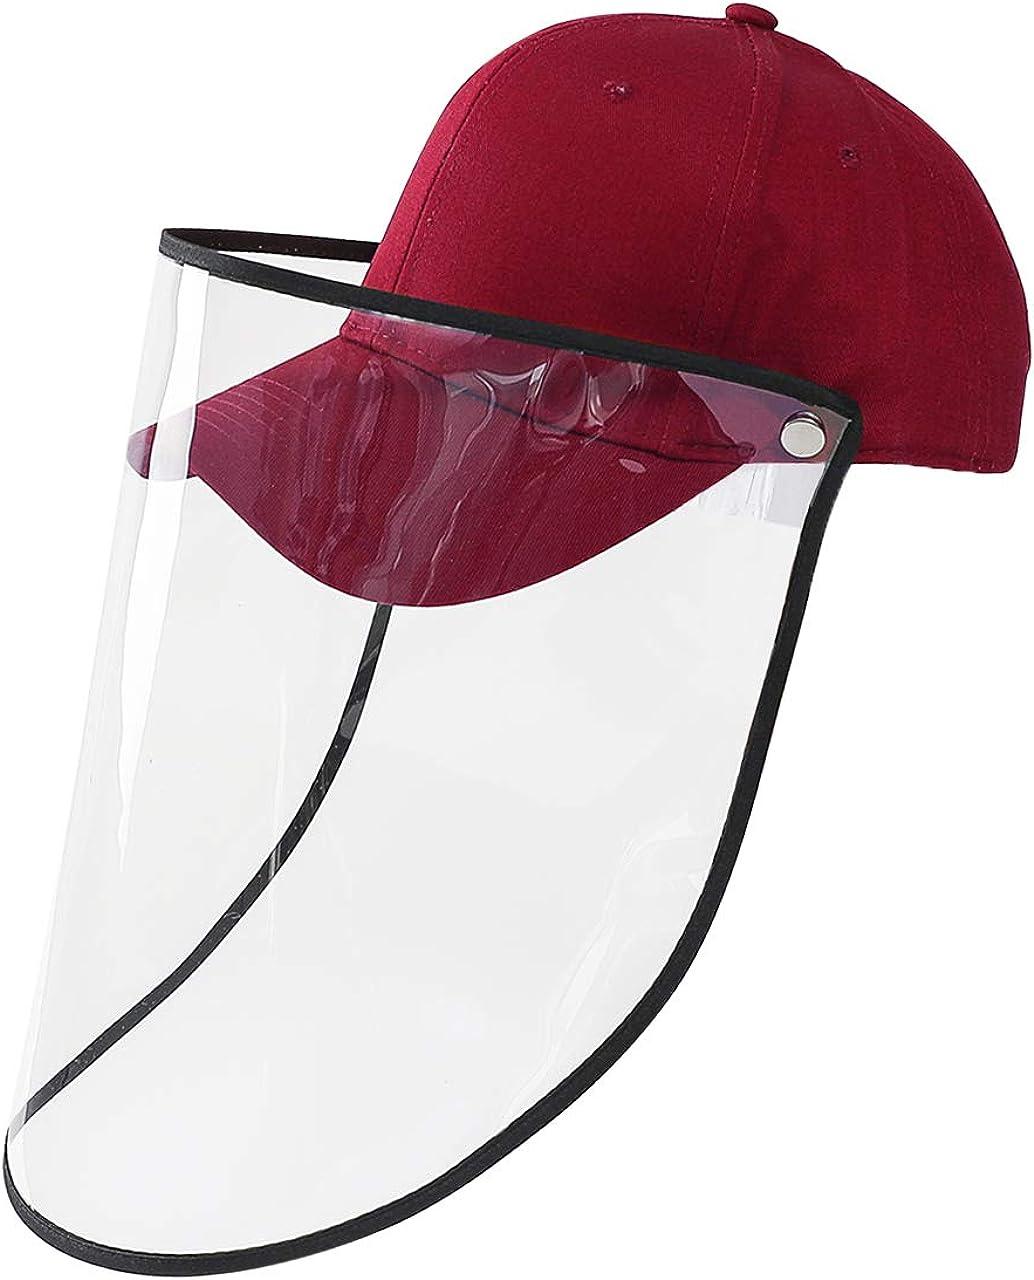 Jovivi Chapeau de Protection Anti-crachats Salive Casquette de Baseball Anti-bu/ée Coupe-Vent Anti-poussi/ère Chapeau avec Protection Faciale Amovible Visi/ère Transparente pour Femmes Hommes